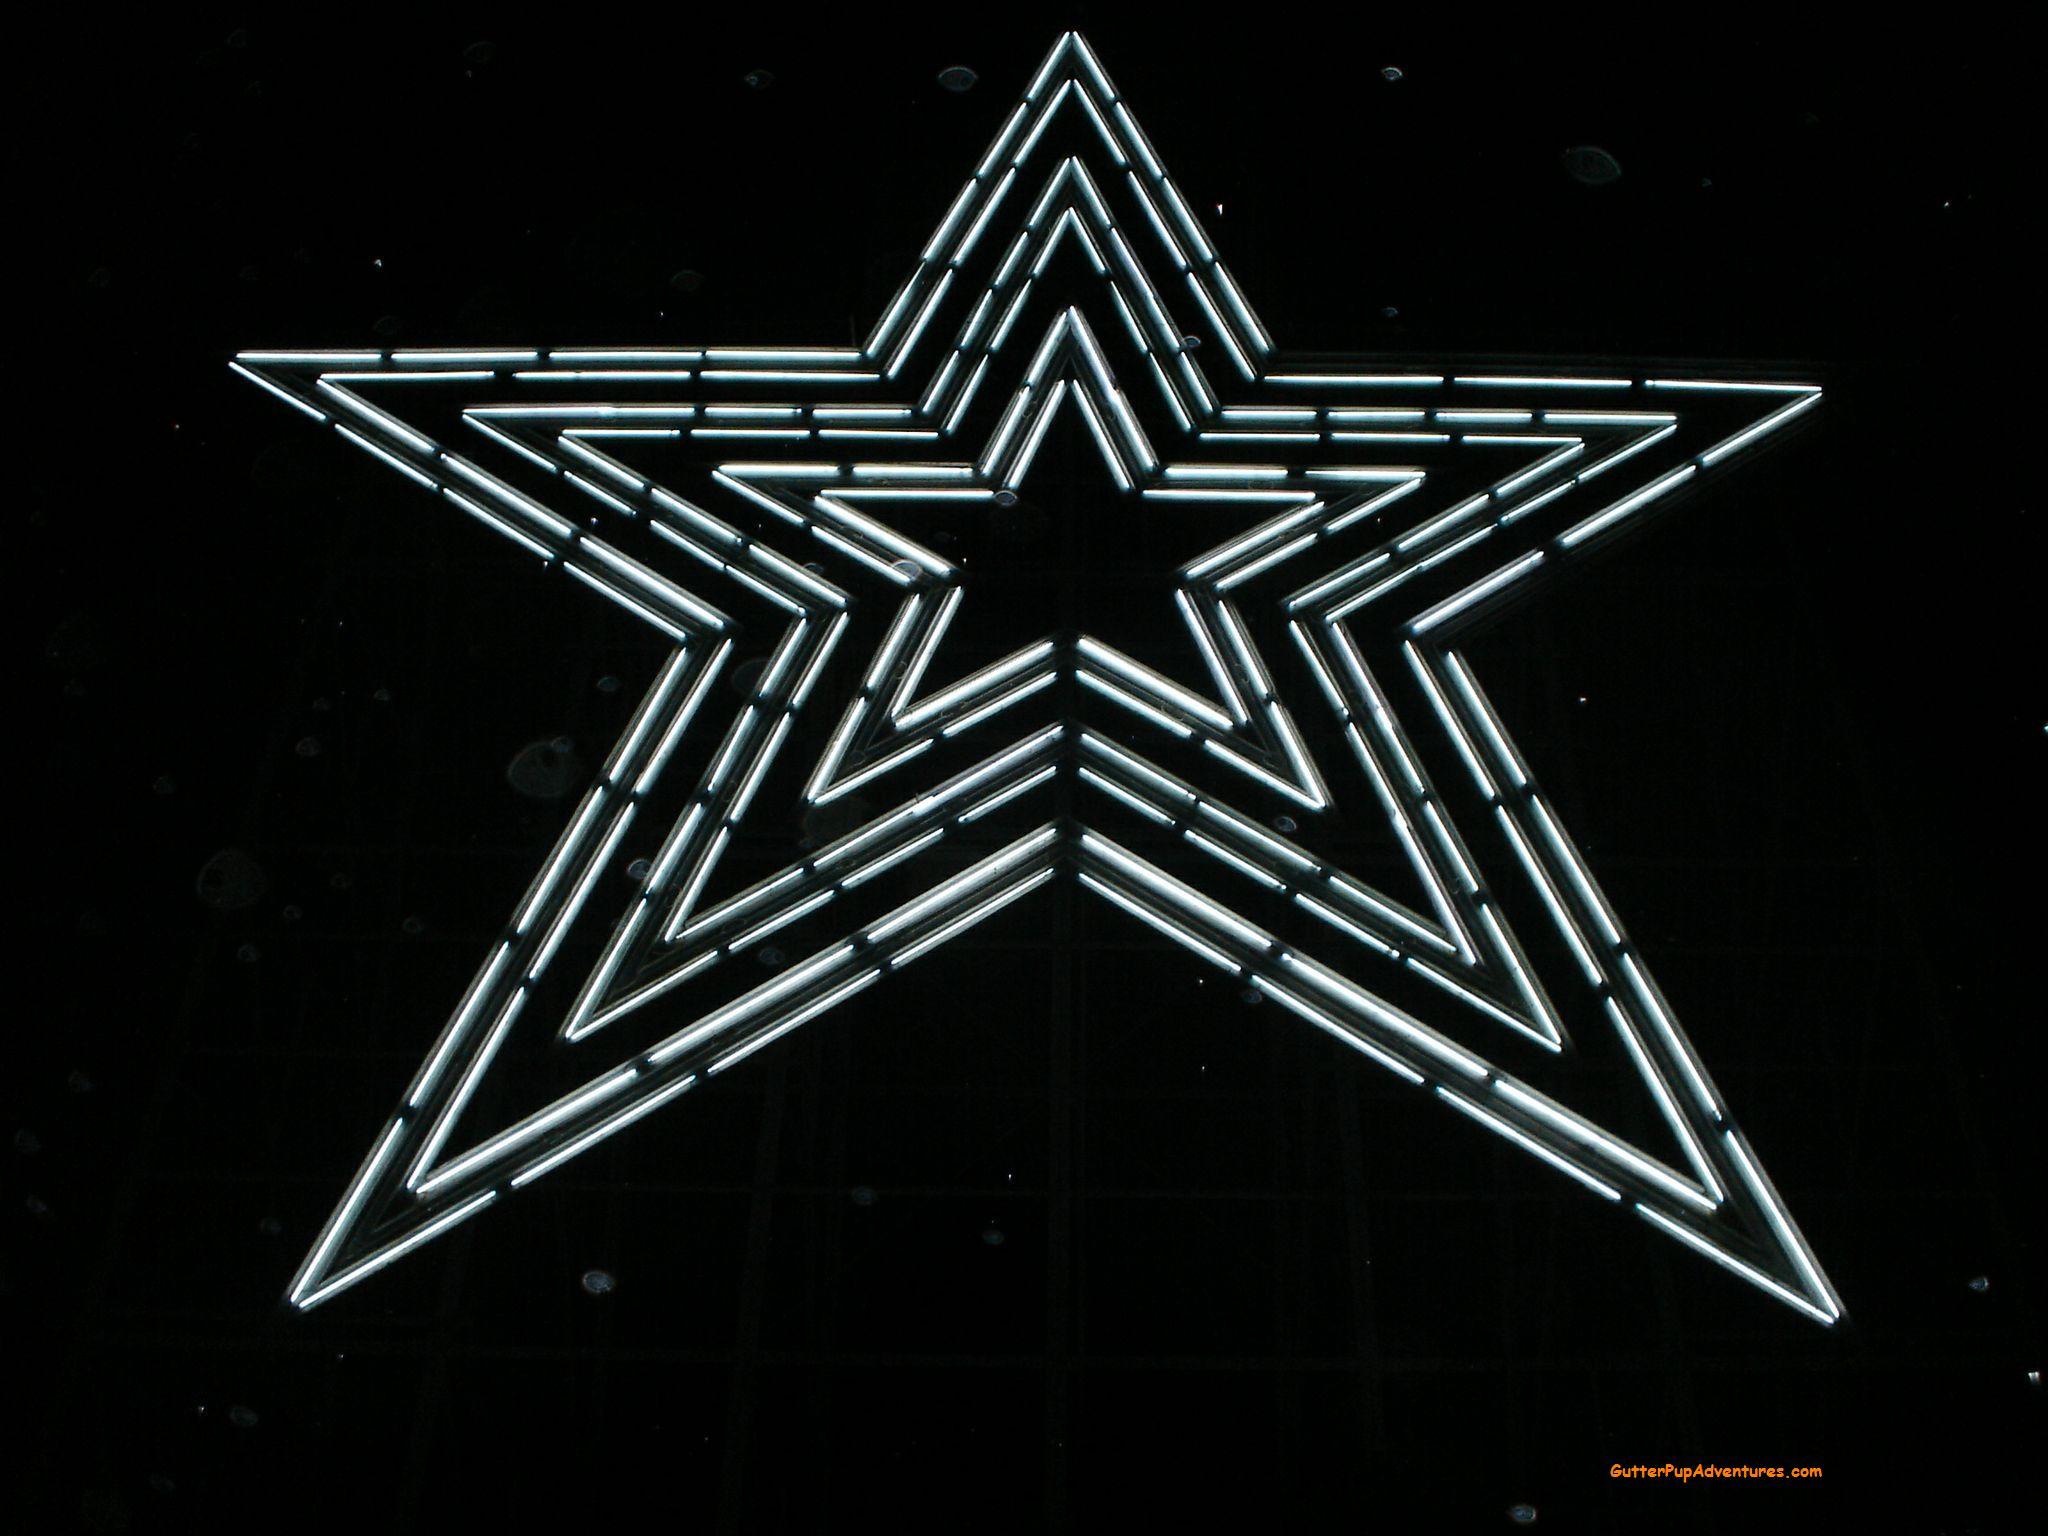 Roanoke star clipart #2